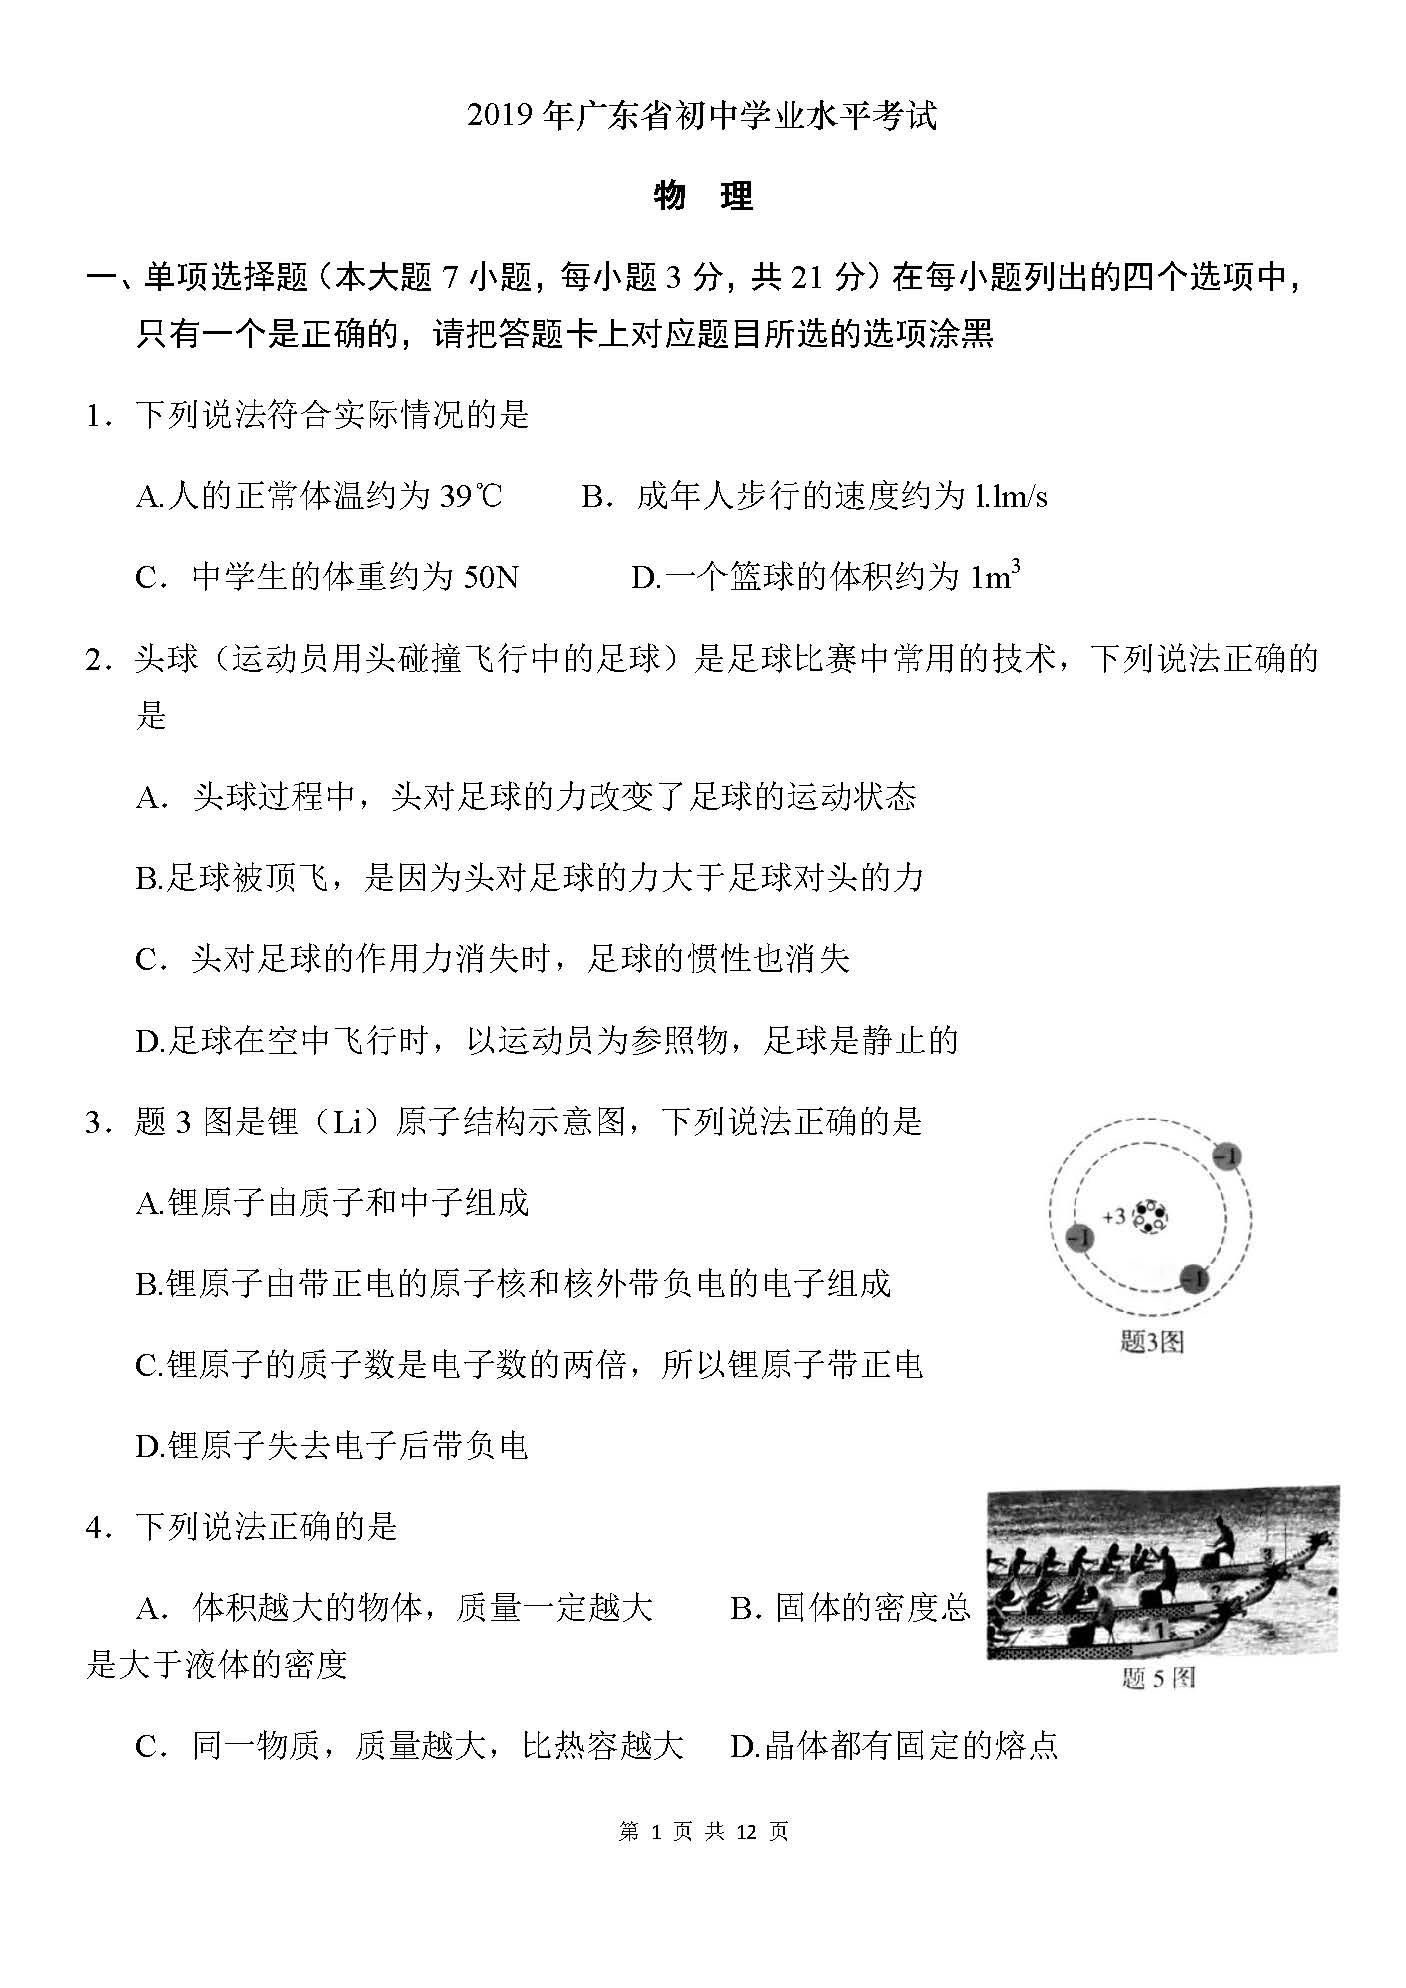 2019年广东中考《物理》真题及答案已公布